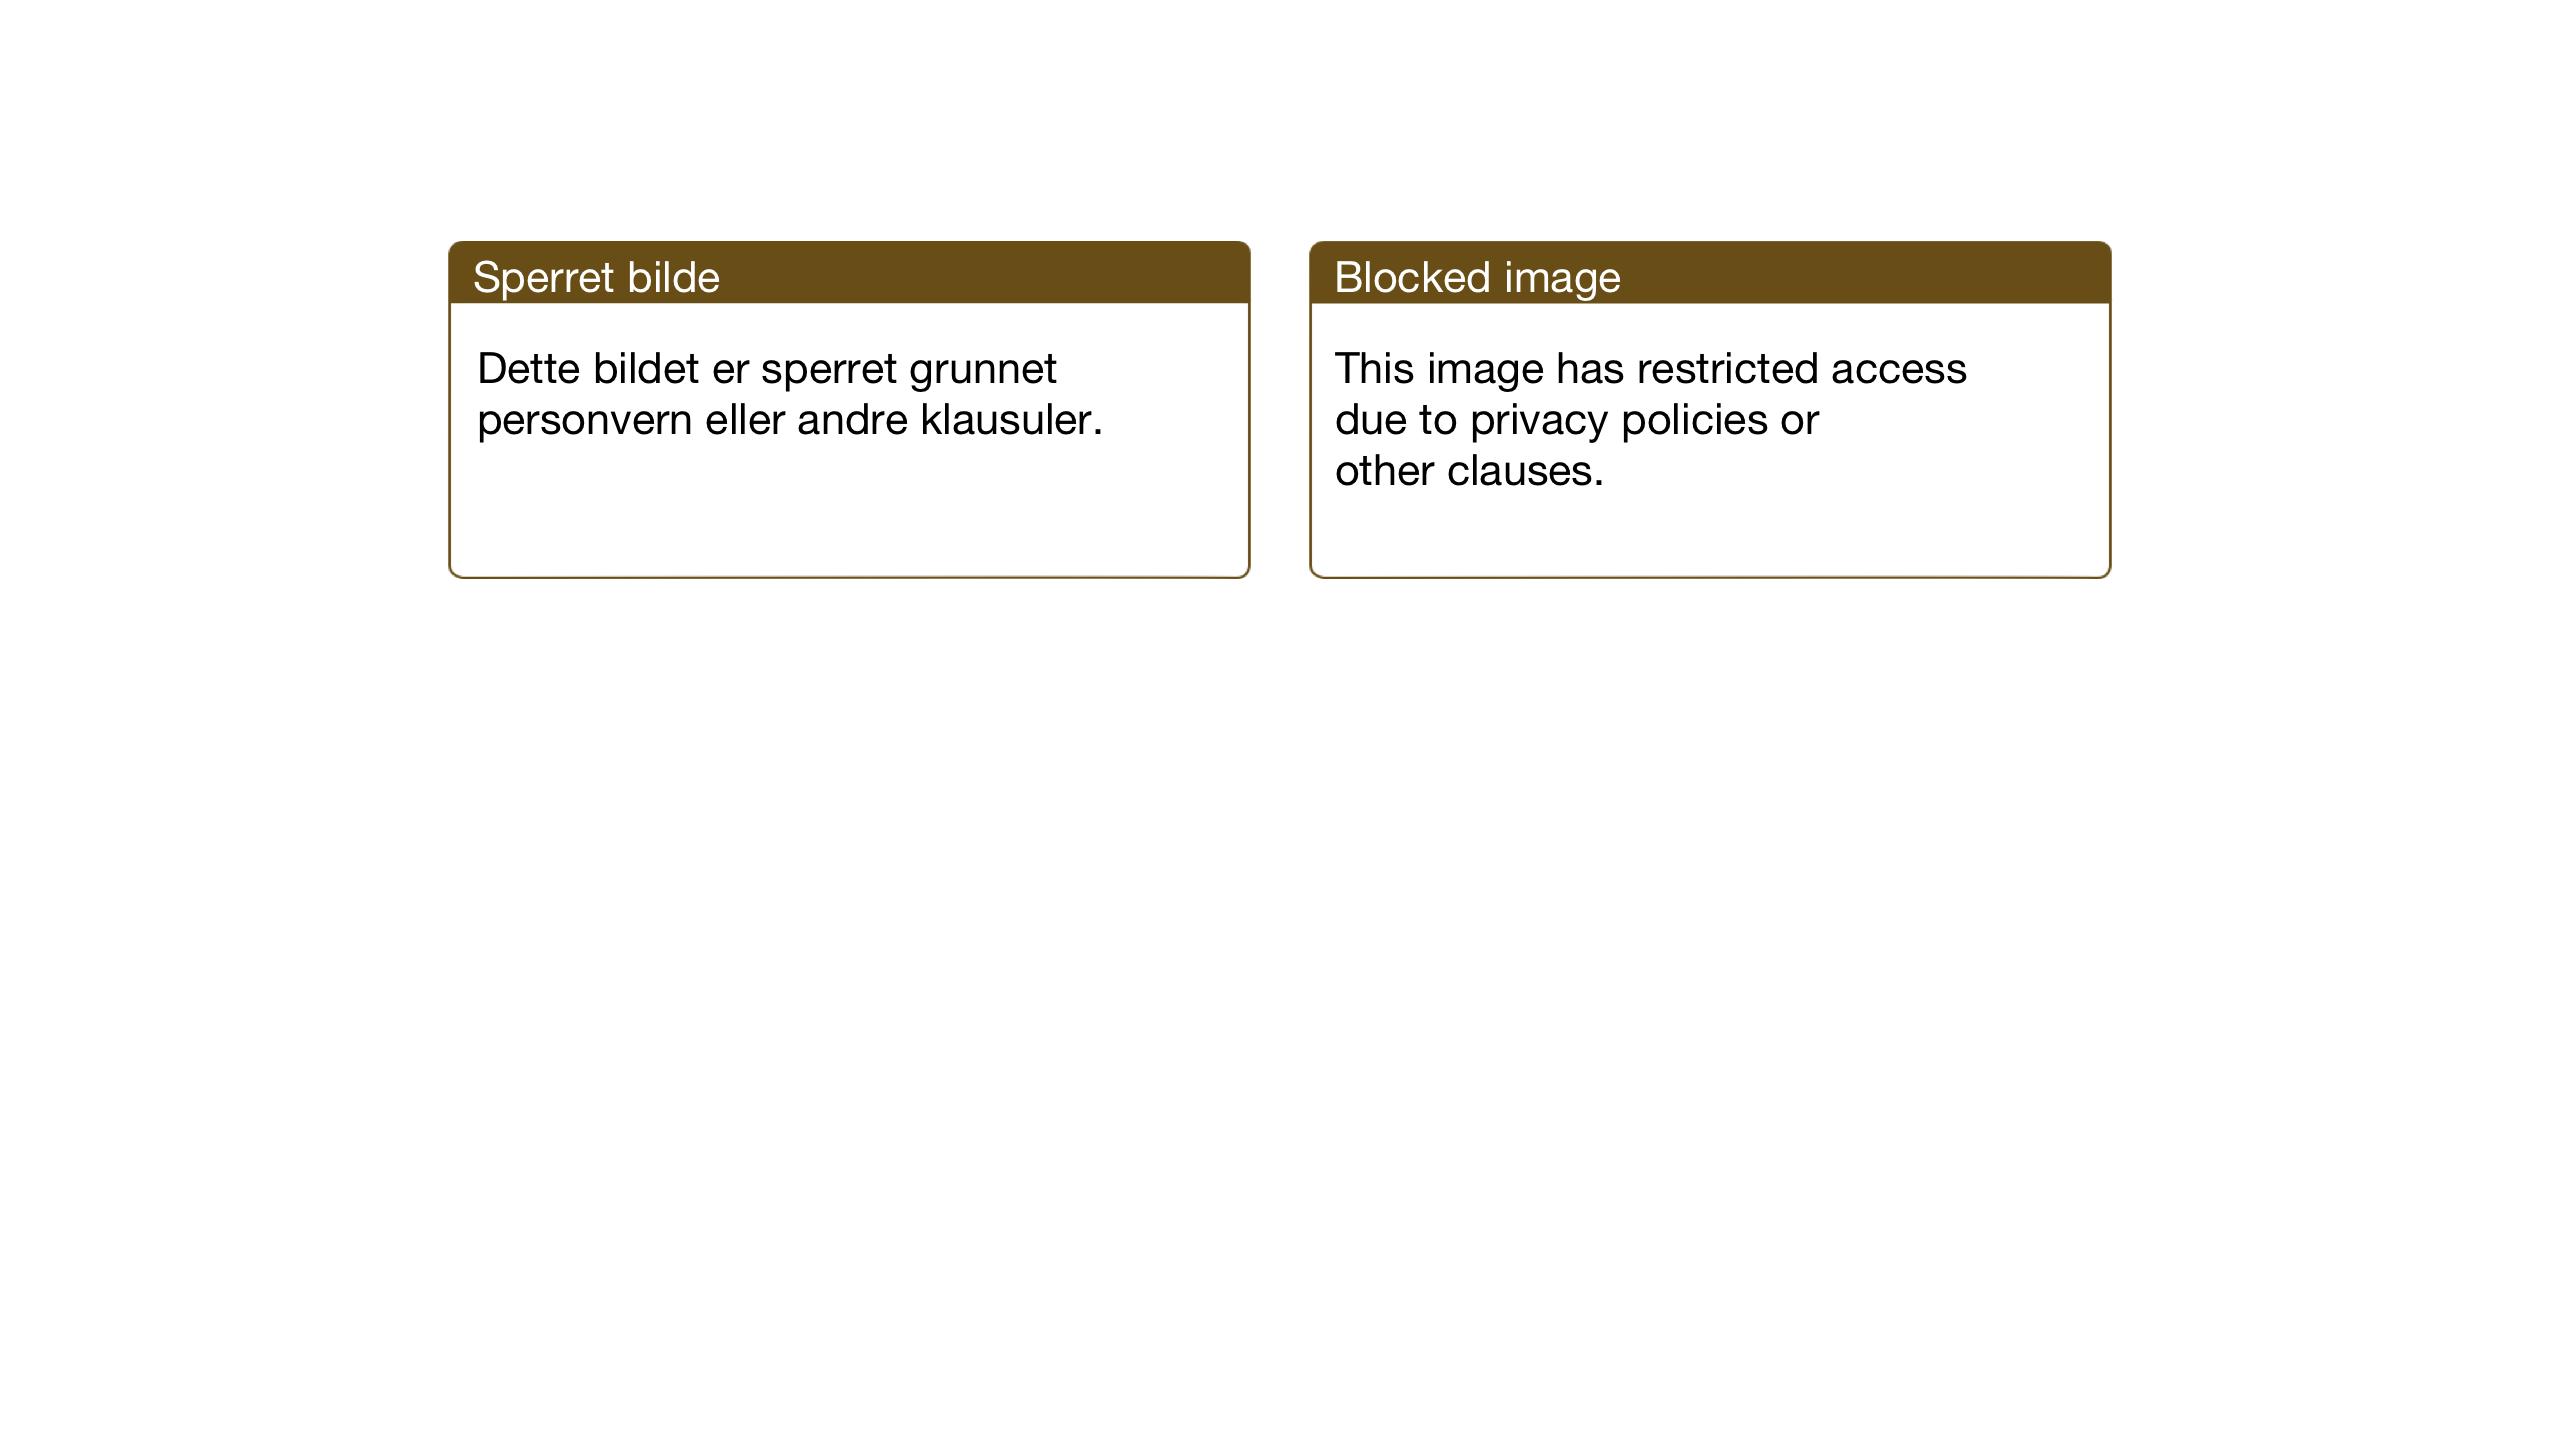 SAT, Ministerialprotokoller, klokkerbøker og fødselsregistre - Sør-Trøndelag, 682/L0947: Klokkerbok nr. 682C01, 1926-1968, s. 150